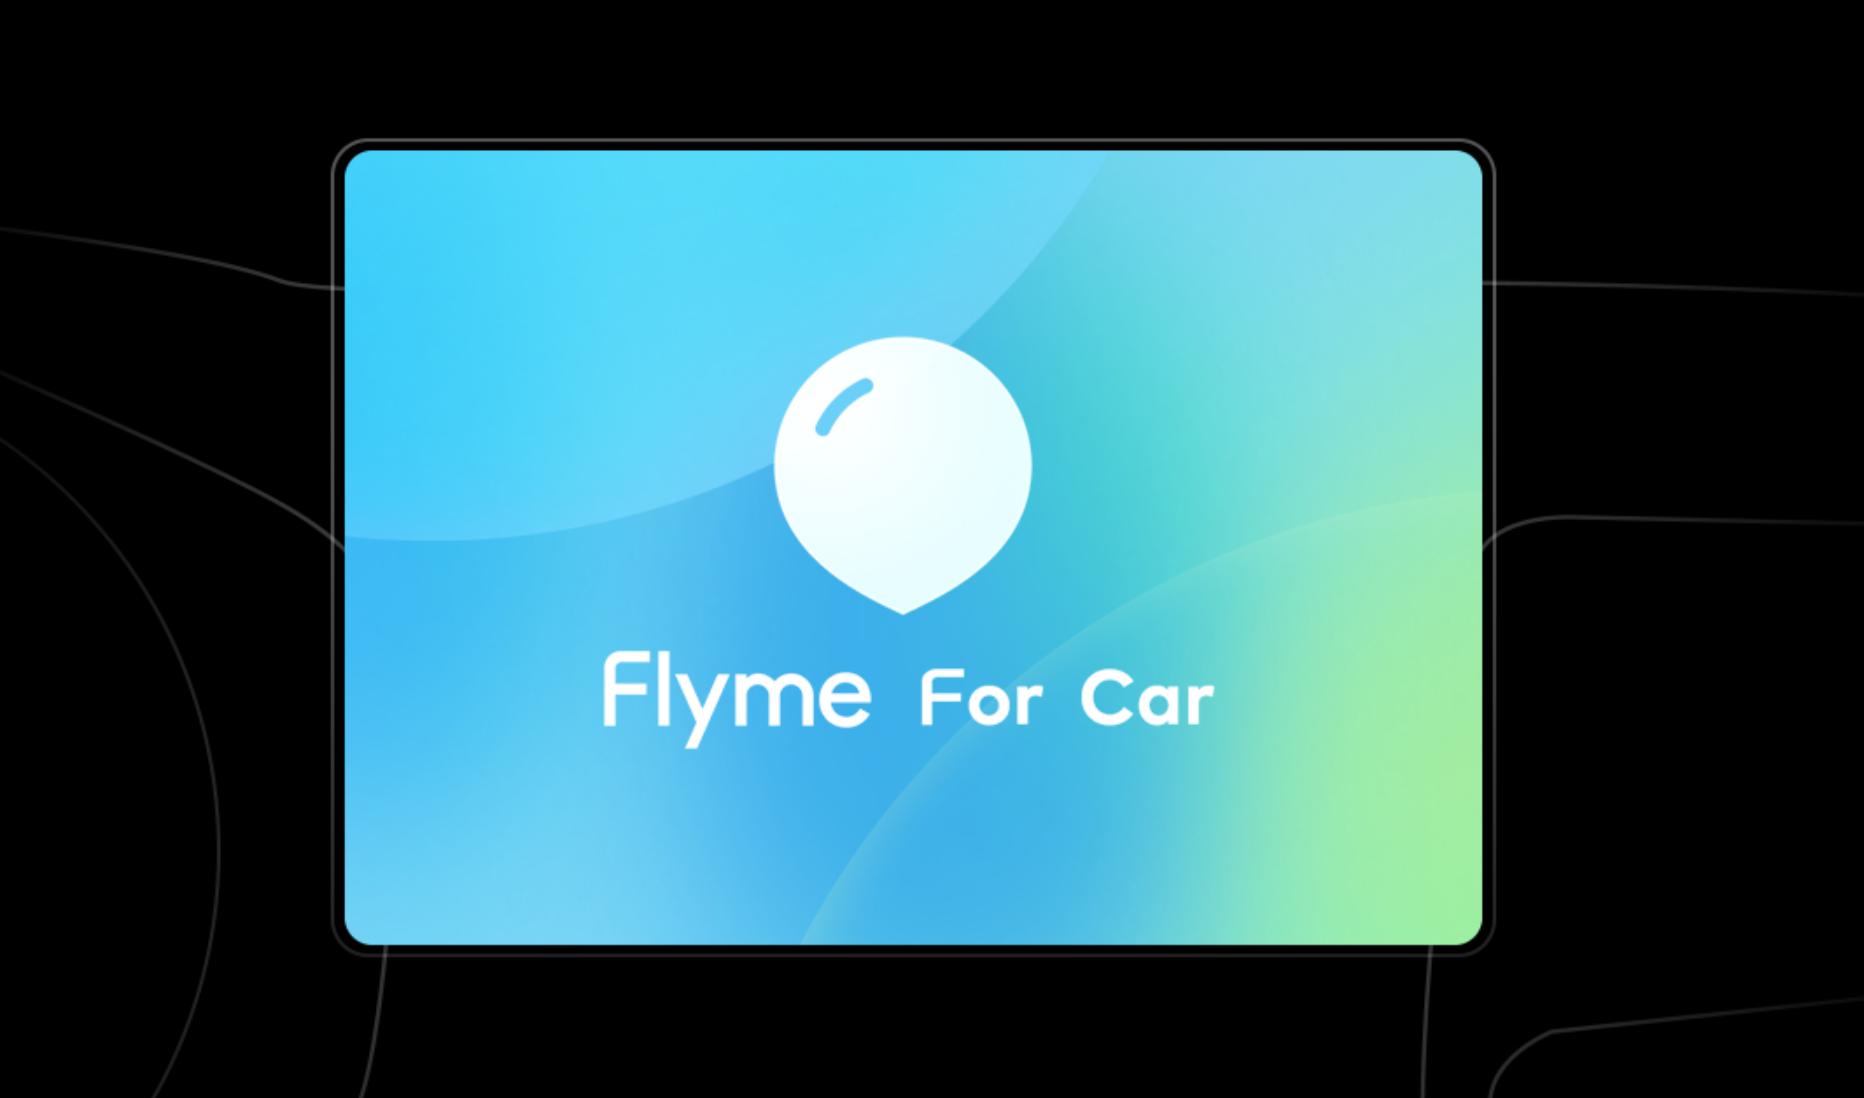 比小米还要快!魅族宣布进军汽车行业:首辆合作汽车明天揭晓